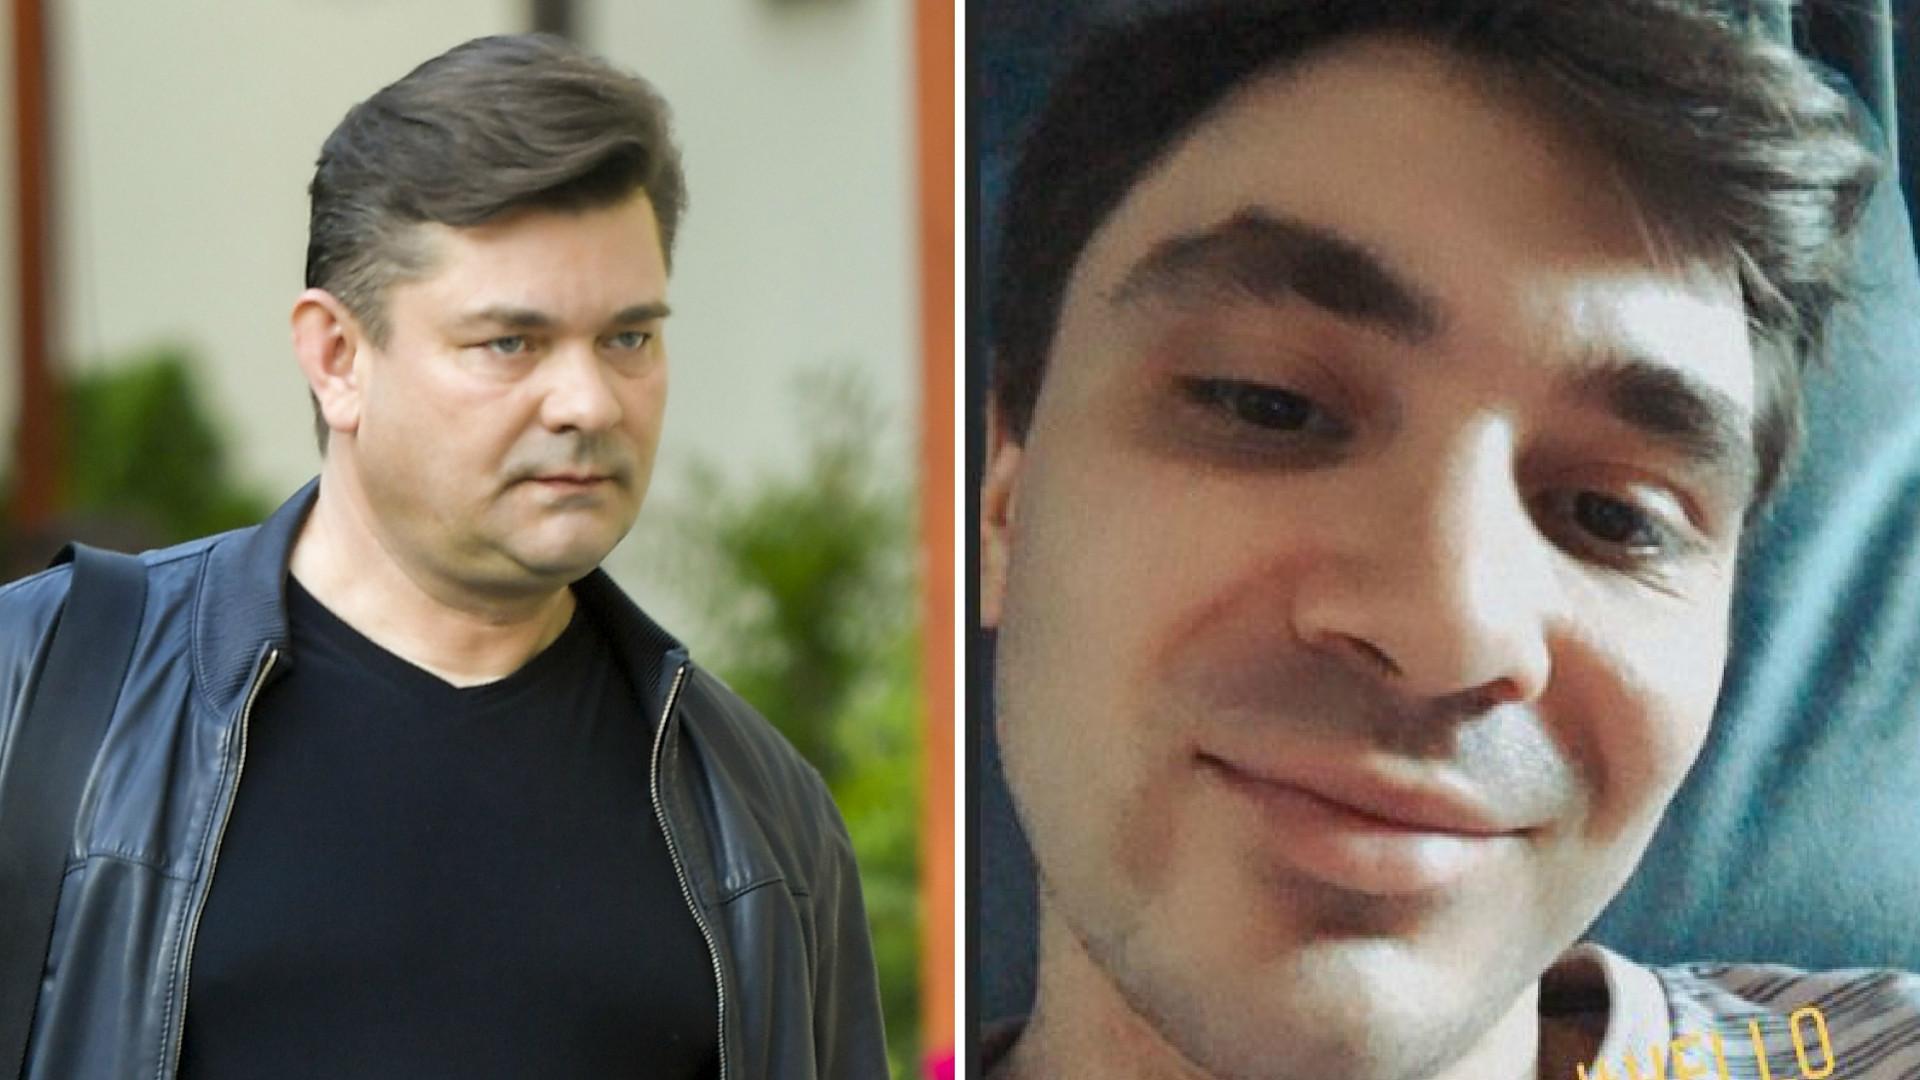 """Daniel Martyniuk WŚCIEKŁY, bo wyproszono go z baru. """"Obrażał barmana, przewracał się na gości"""""""